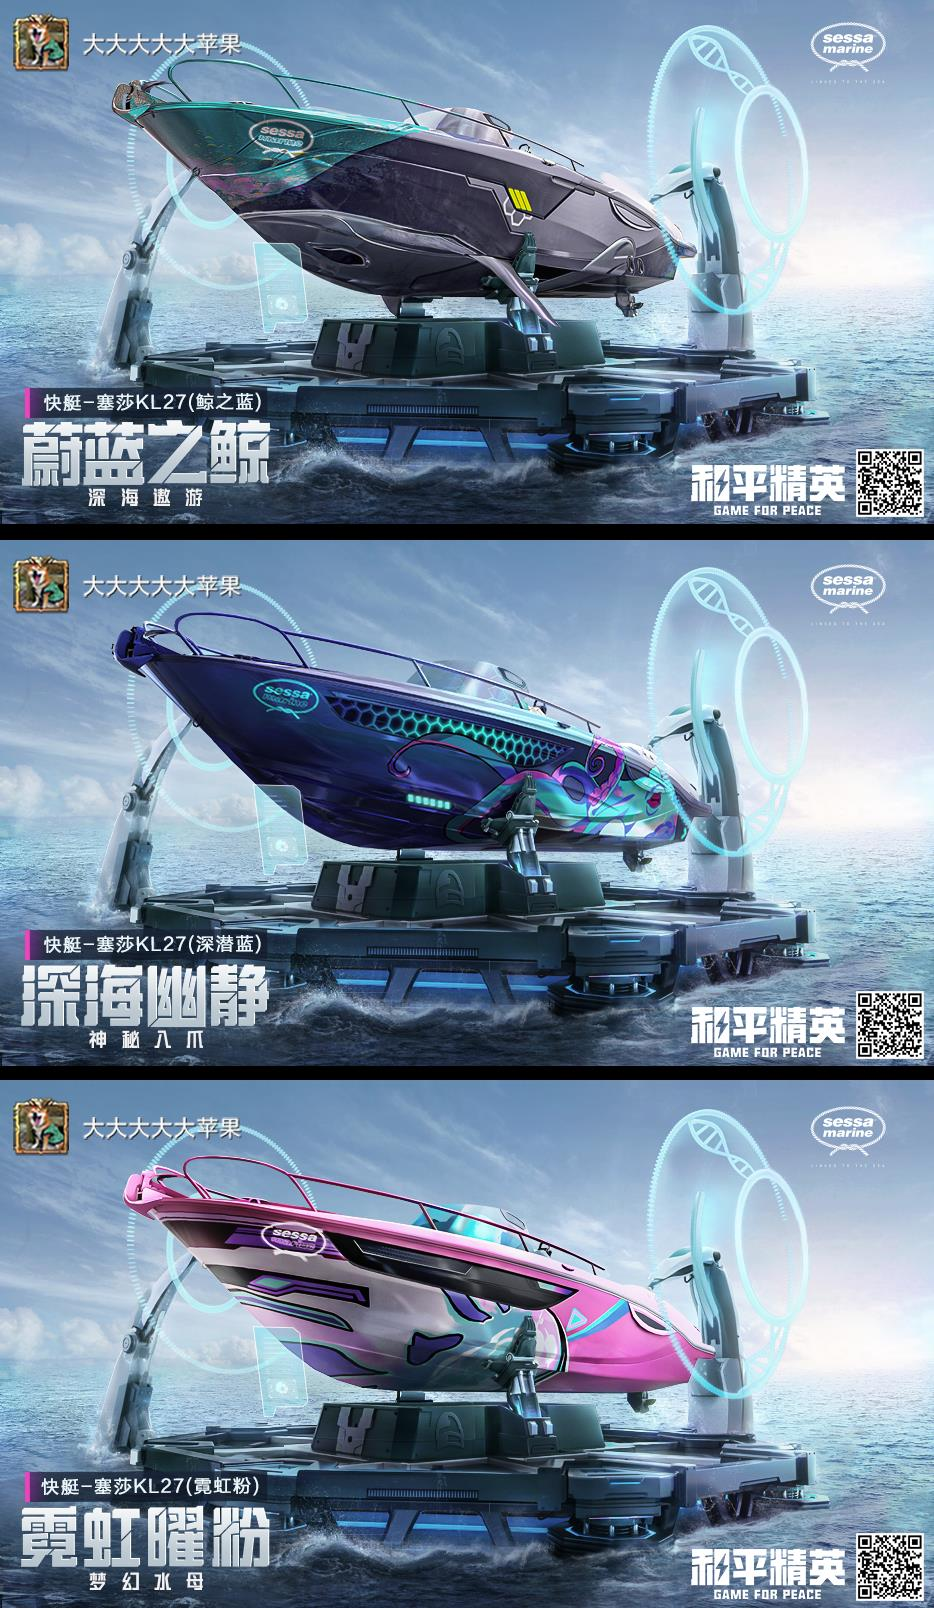 航行!向未来出发!《和平精英》x塞莎跨界合作推出首款快艇皮肤